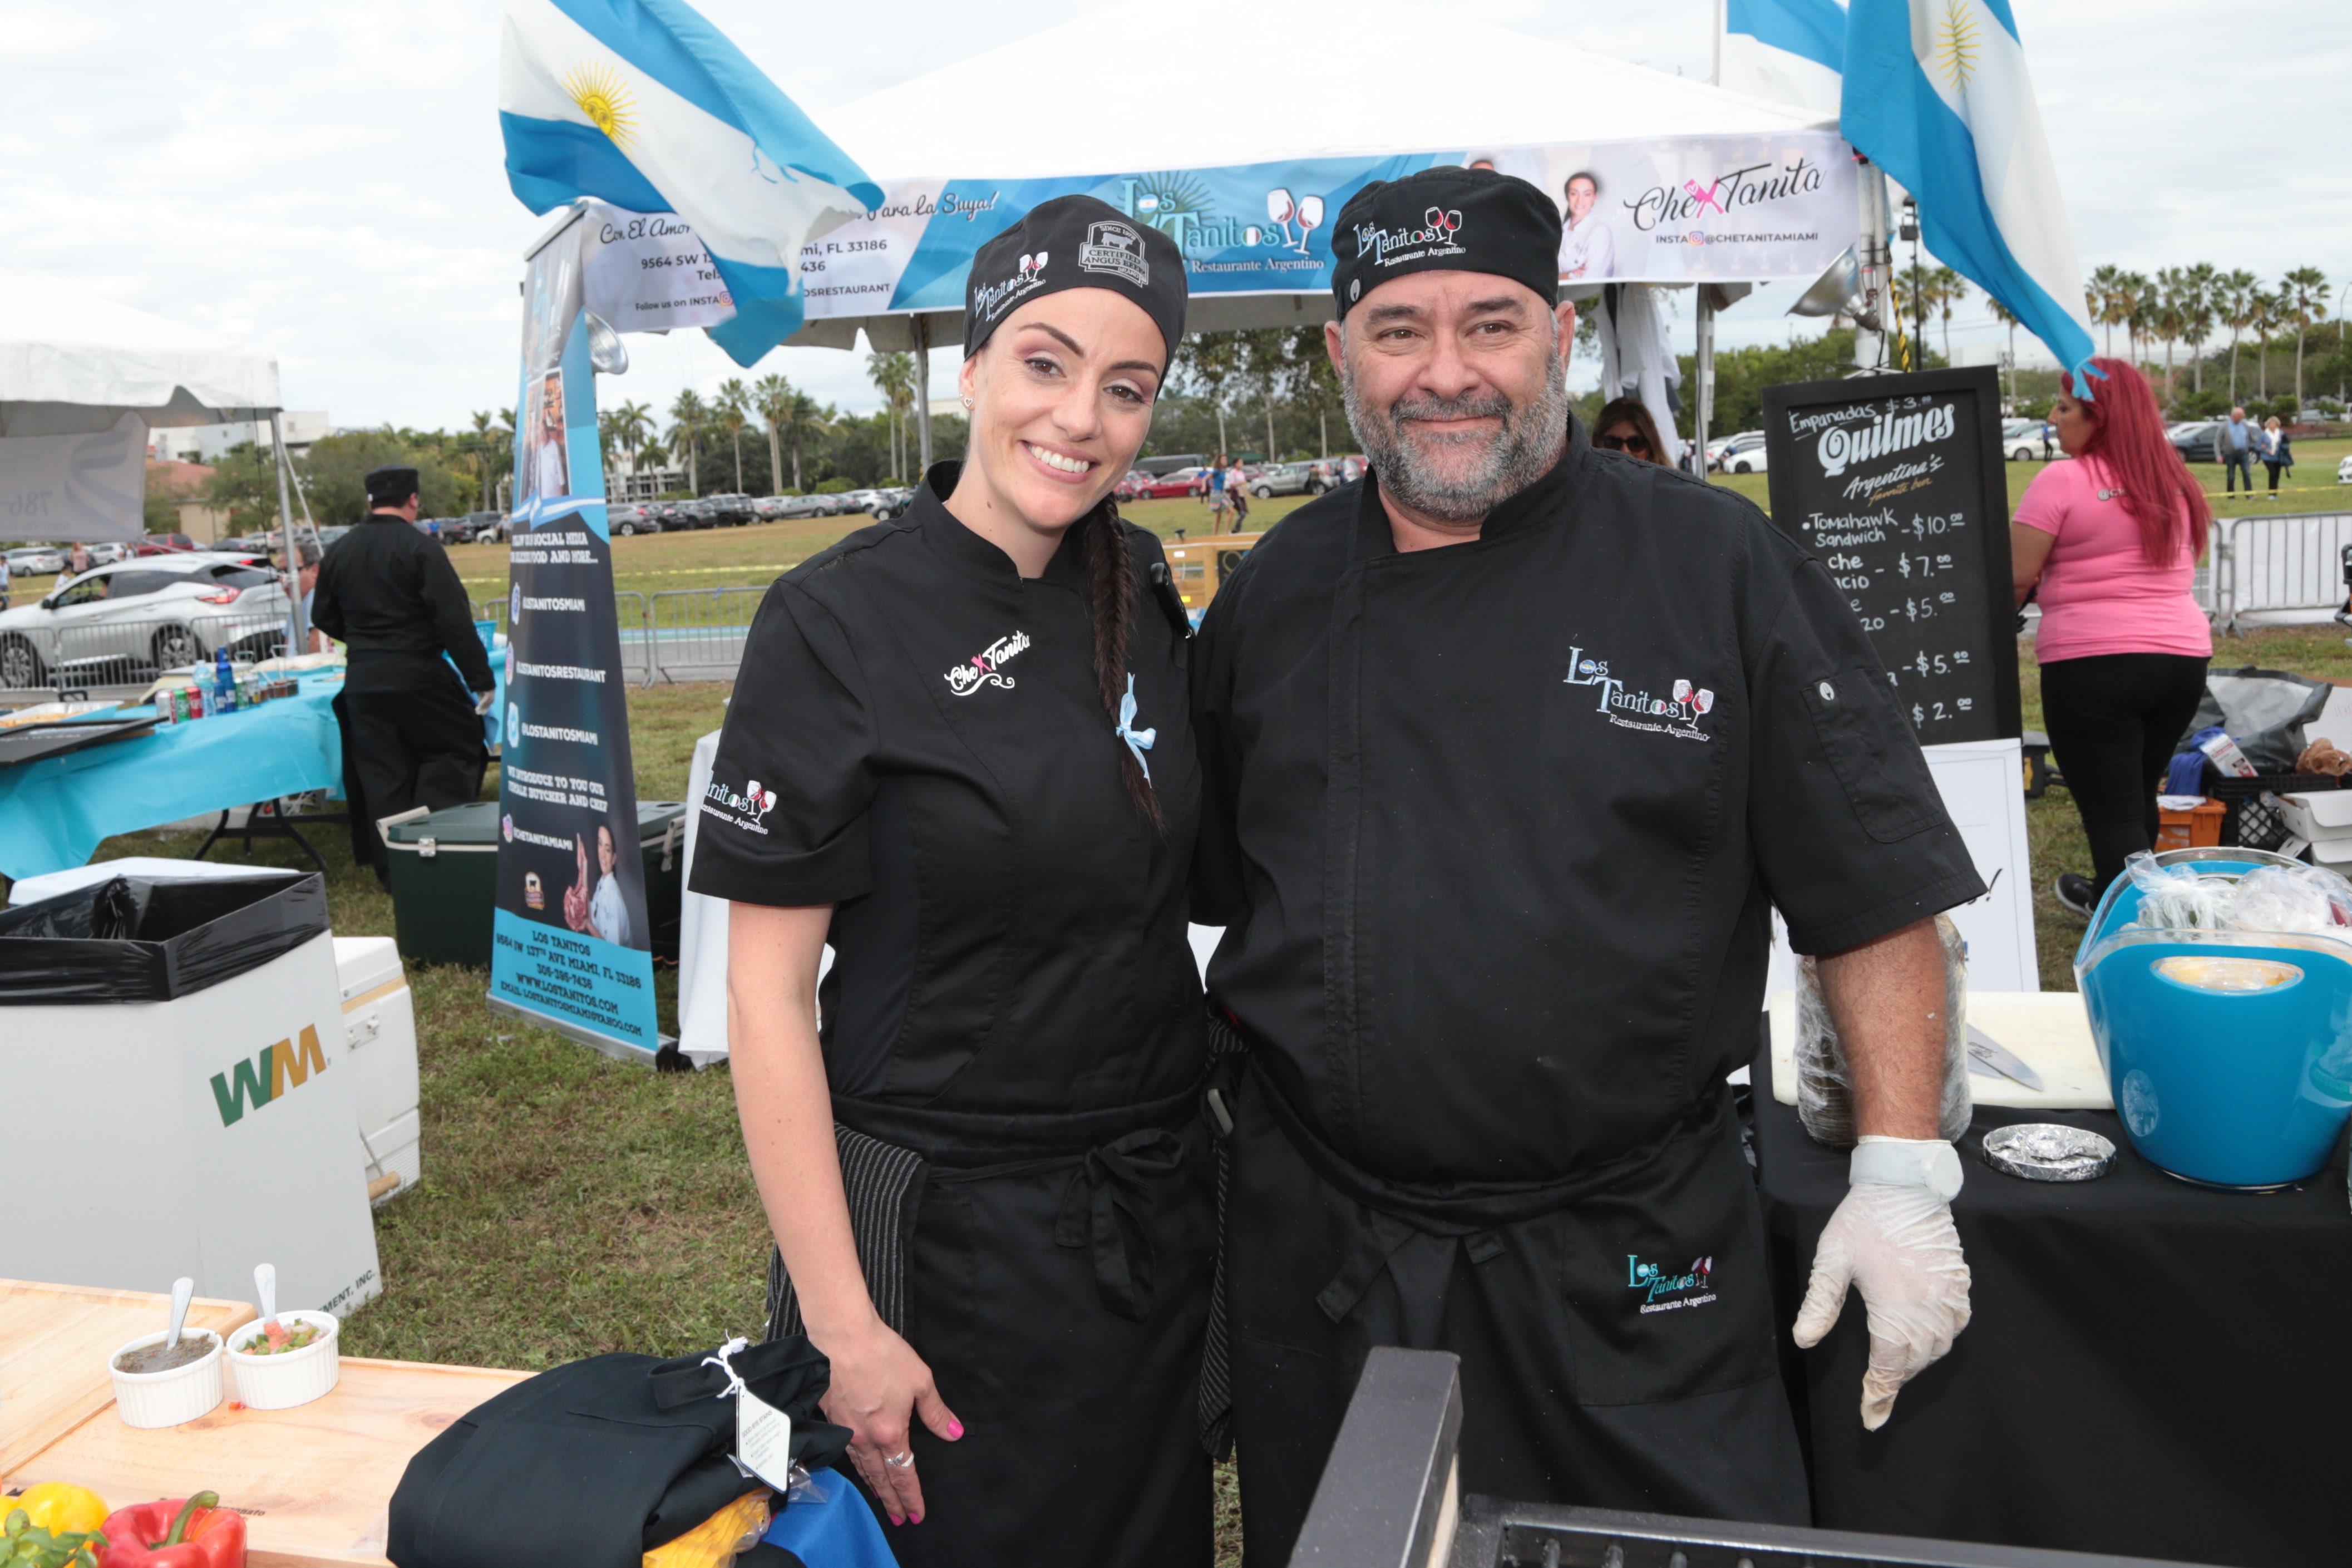 Carla Di Lorenzo y Pedro Siciliano, el equipo de Los Tanitos.